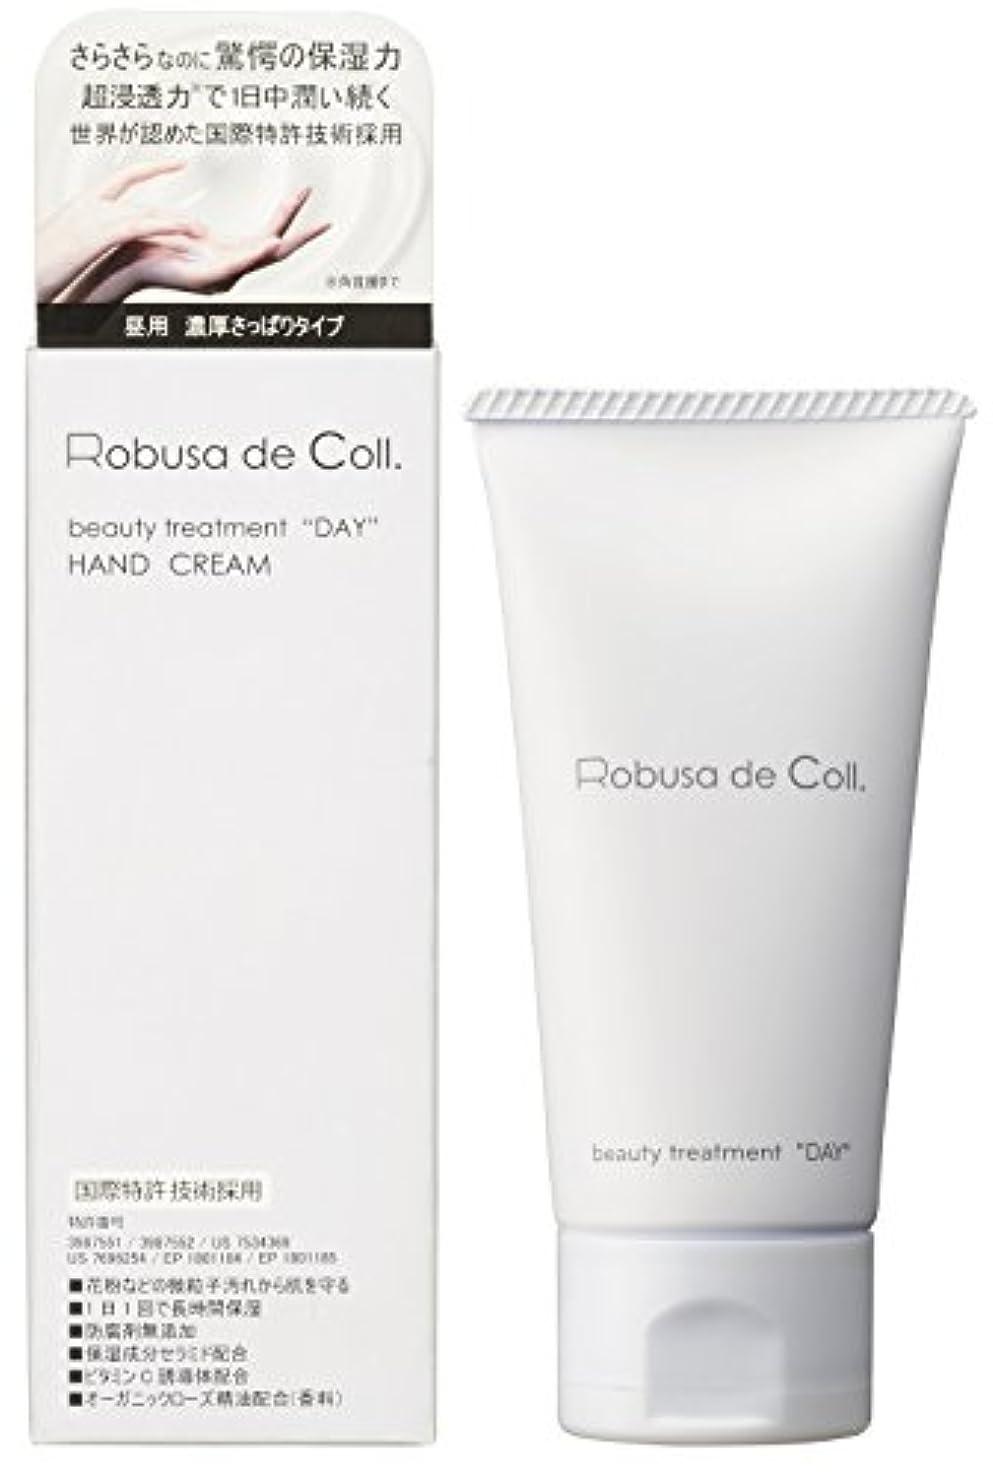 調べるエジプト人宝Robusa de Coll. (ロブサデコル) デイケアクリーム (ハンドクリーム) 60g (皮膚保護クリーム 乾燥 敏感肌用)